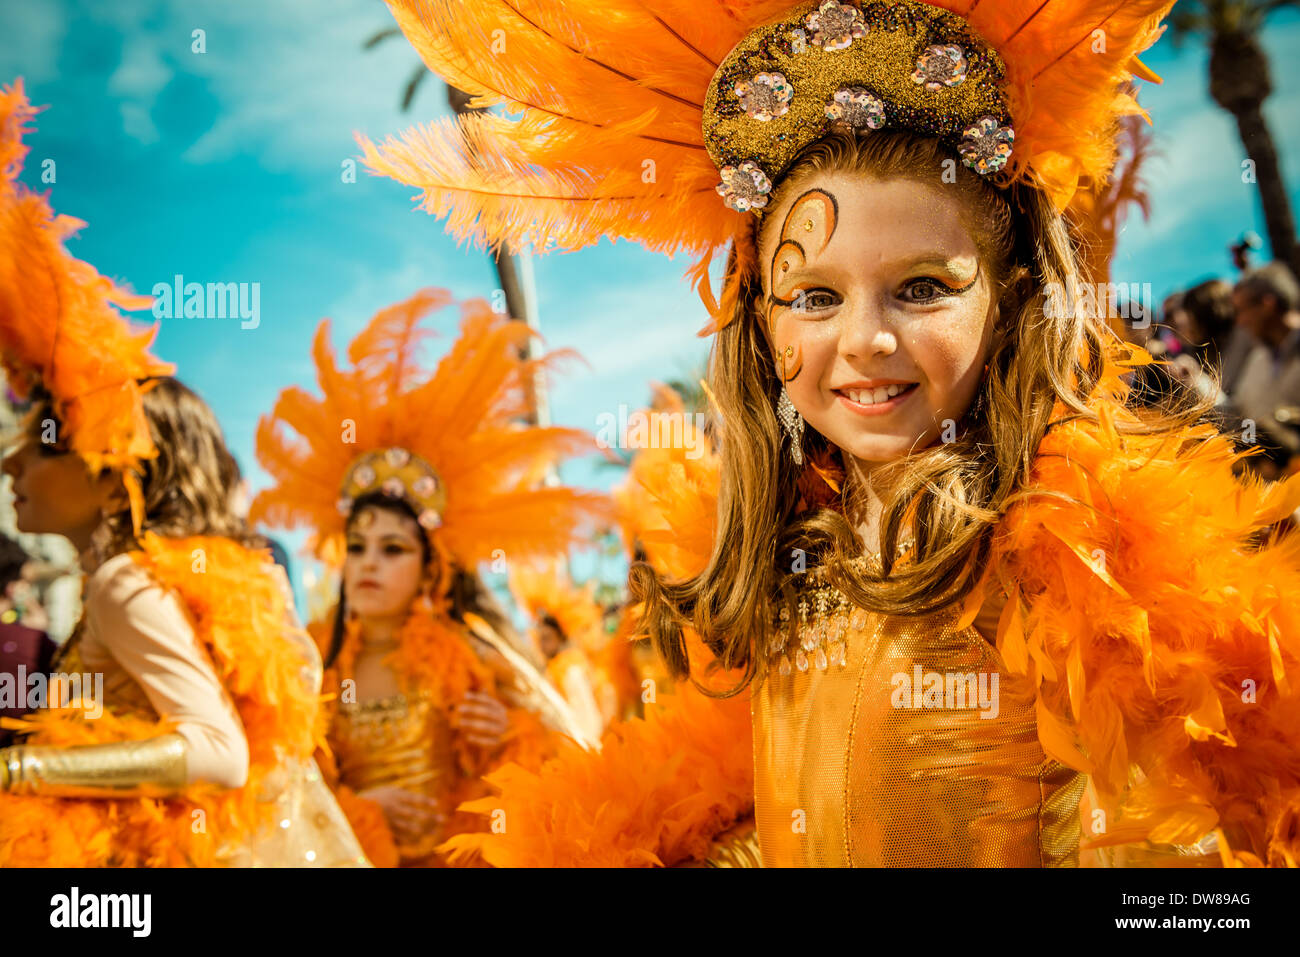 Sitges, España. Marzo 2nd, 2014: Niños juerguistas bailan durante el desfile del Domingo de los niños desfile de Foto de stock